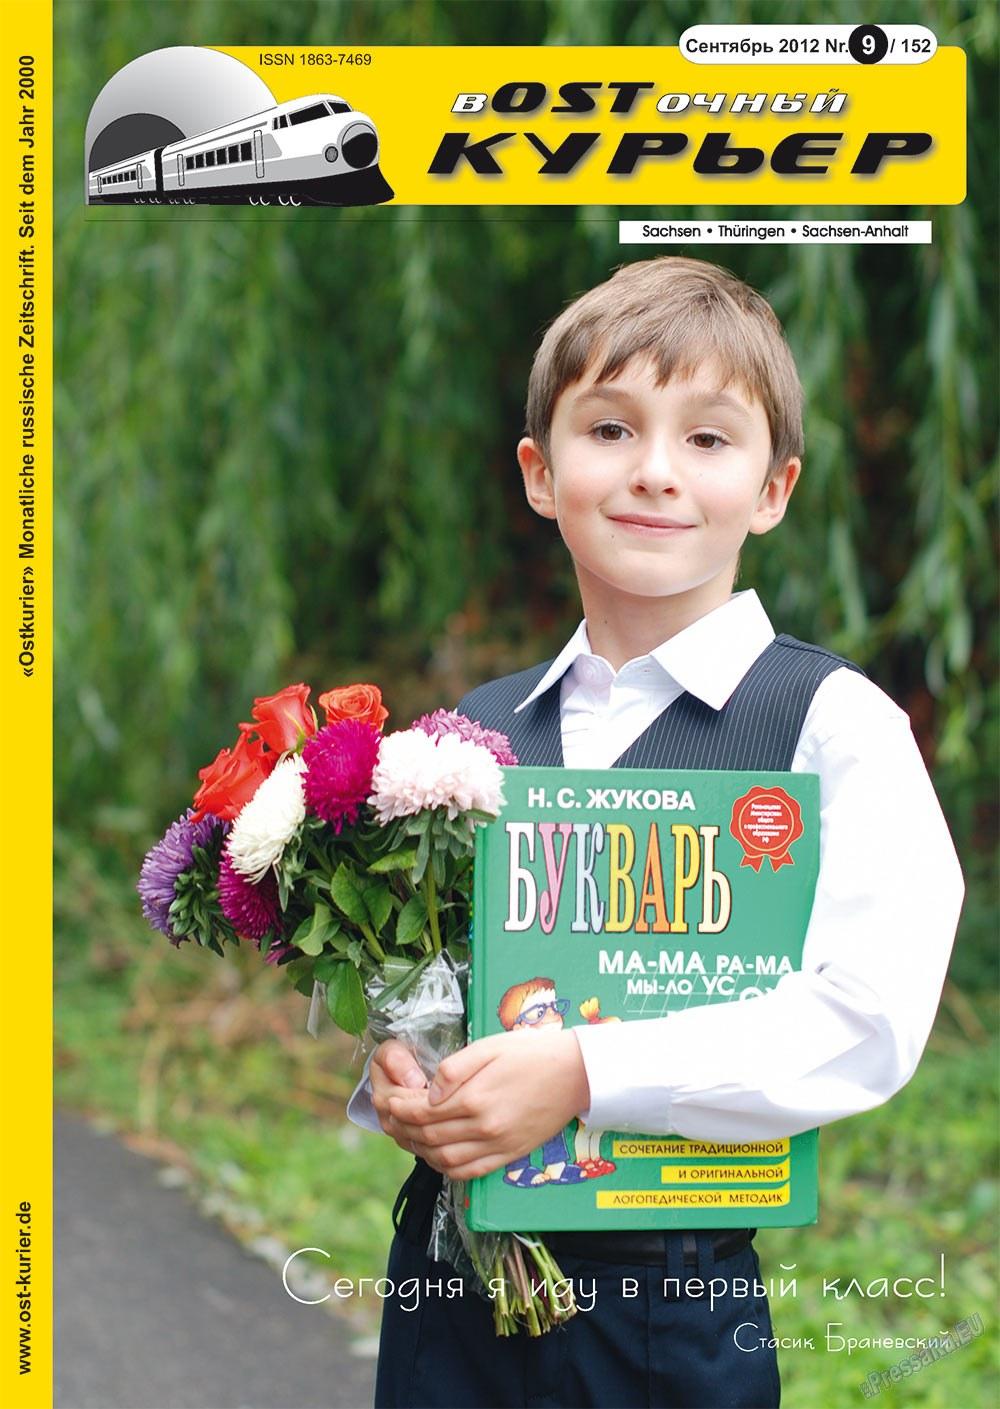 Восточный курьер (журнал). 2012 год, номер 9, стр. 1